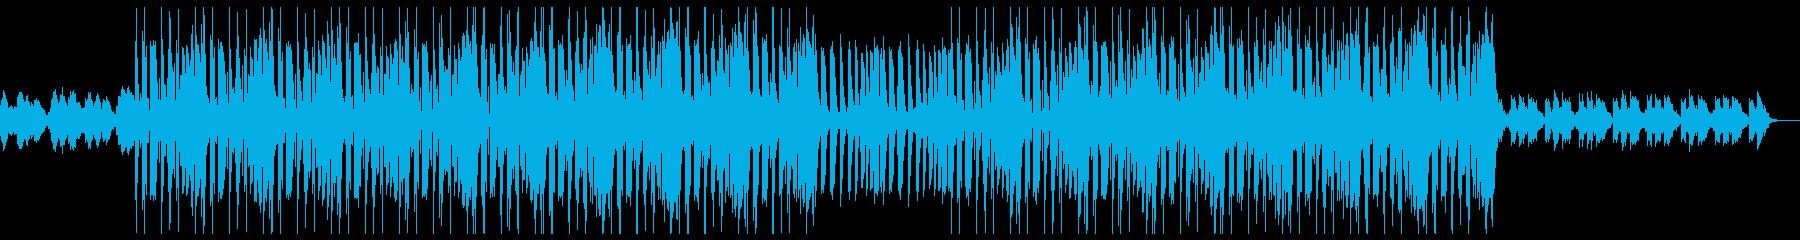 レトロ 哀愁 トラップビートの再生済みの波形